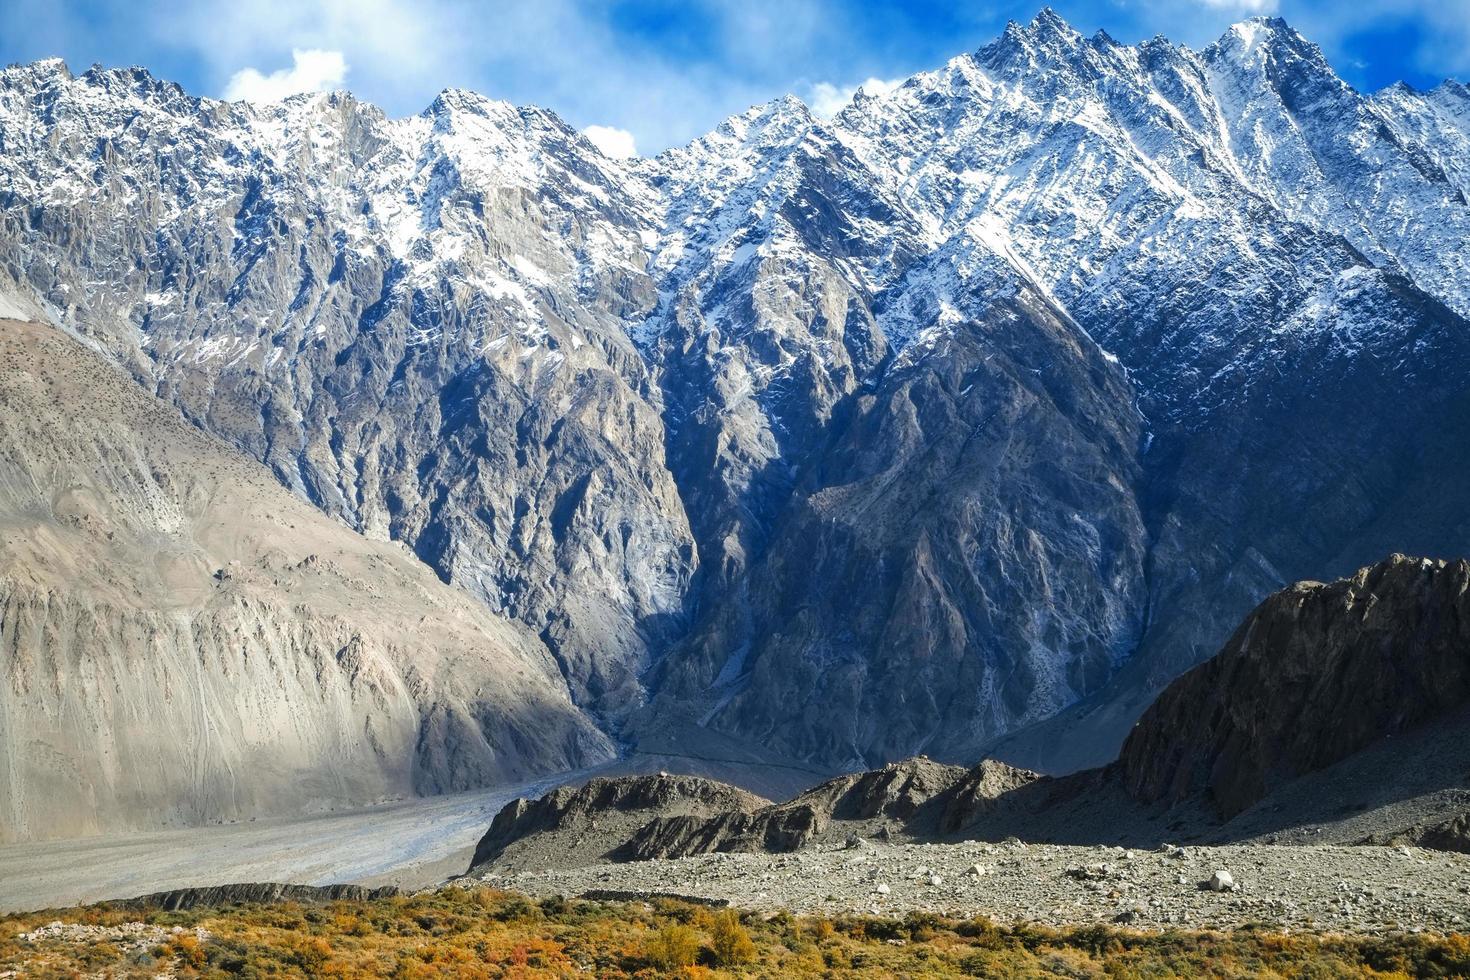 met sneeuw bedekte bergen in karakoram bereik in pakistan foto